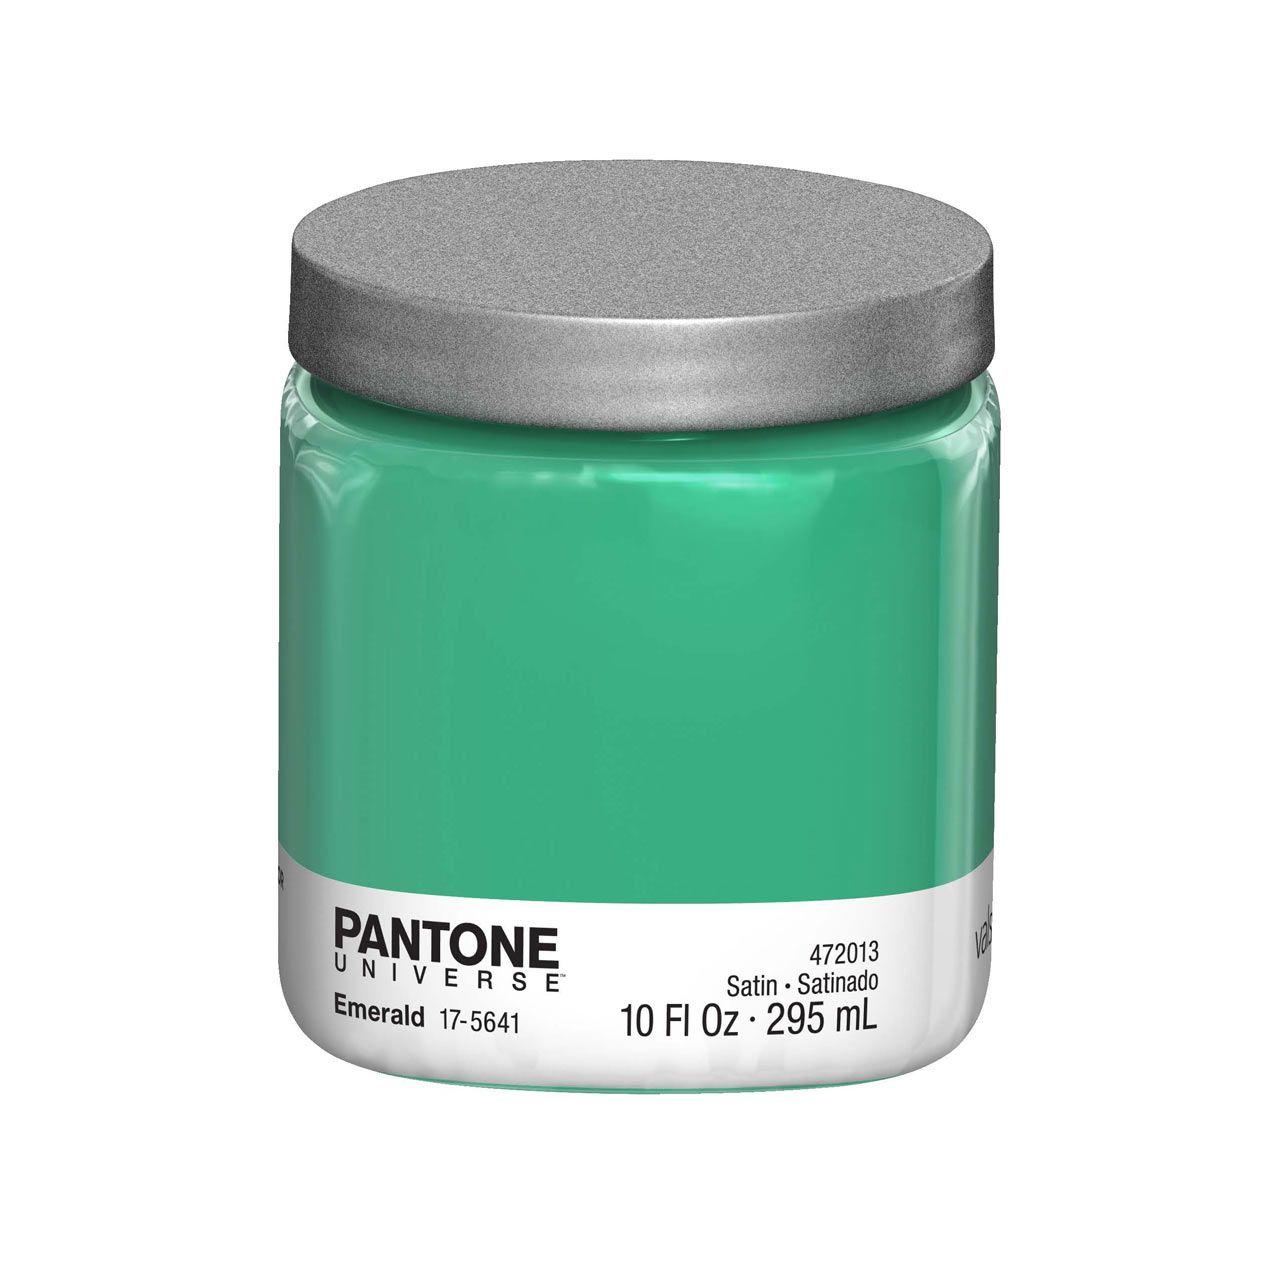 Valspar Turquoise Spray Paint Pantone Universe Paint Collection By Valspar Pantone Universe